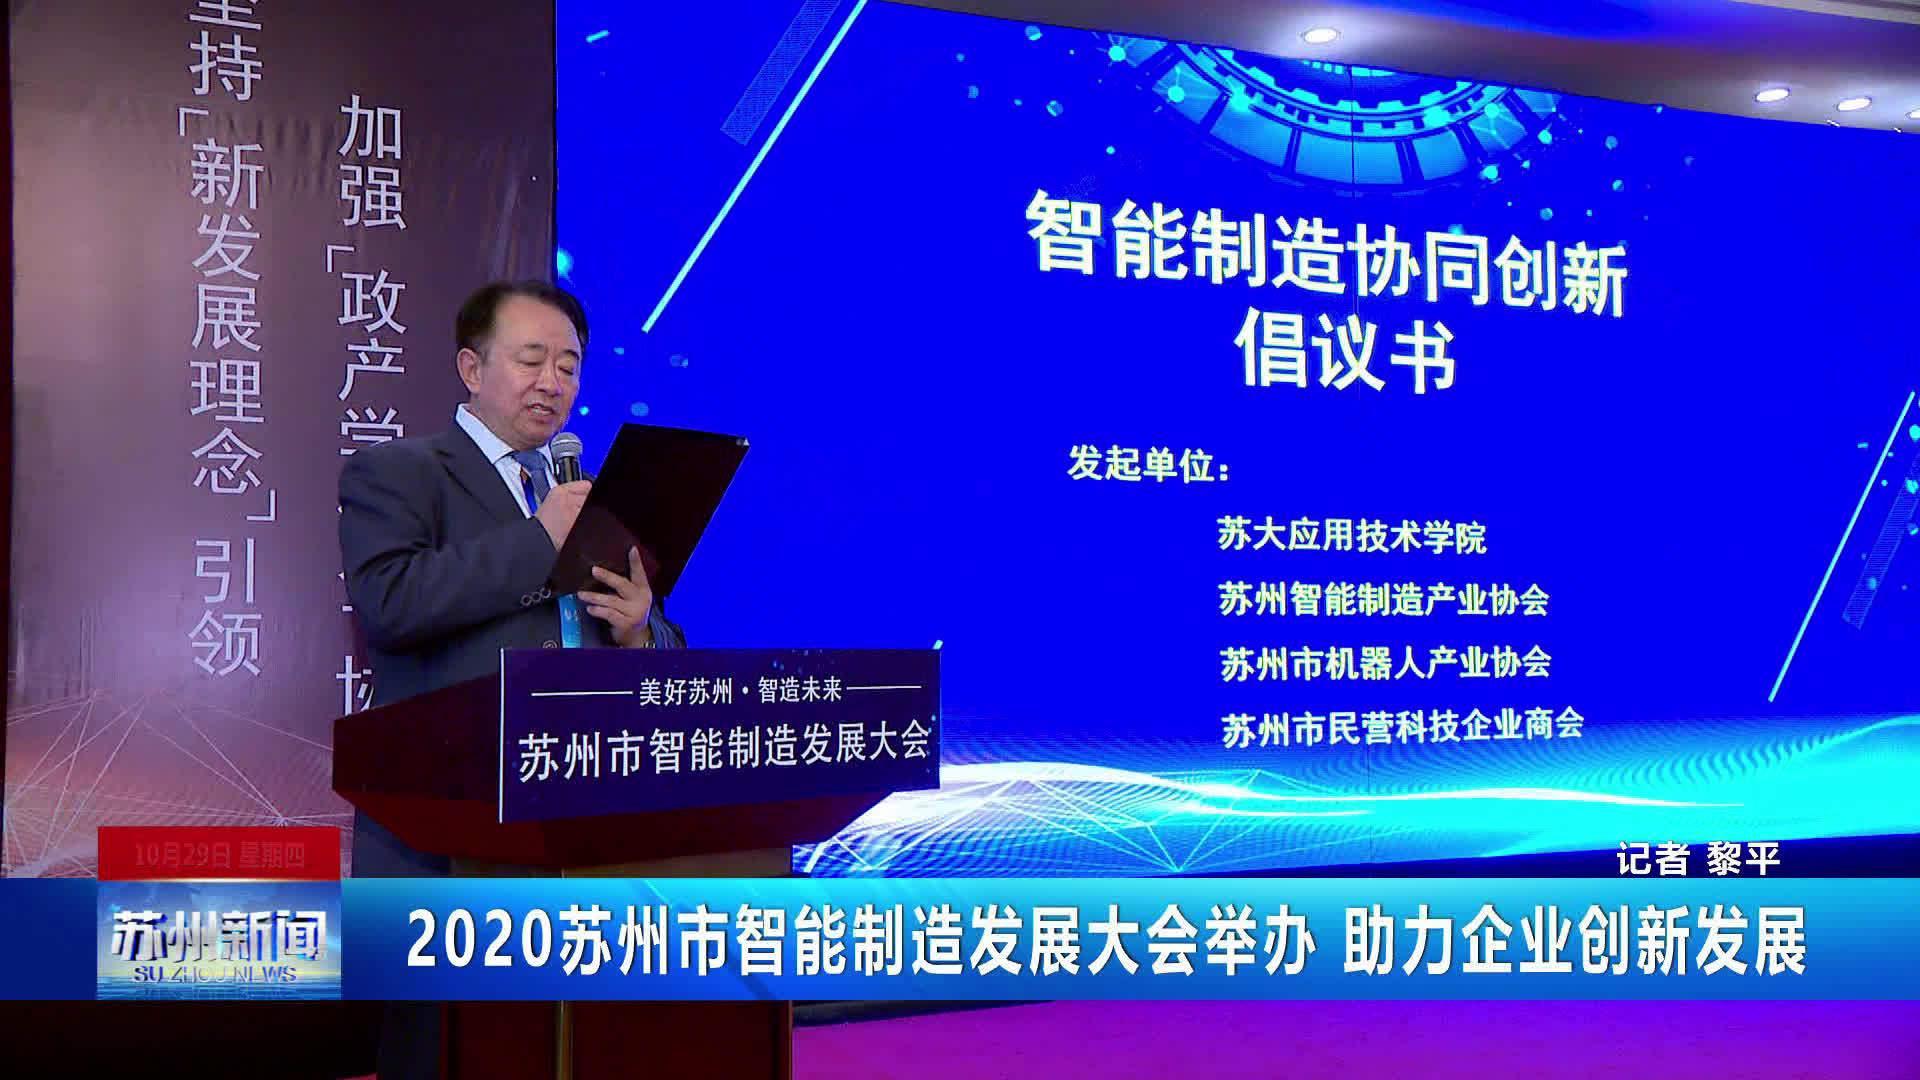 2020苏州市智能制造发展大会举办 助力企业创新发展